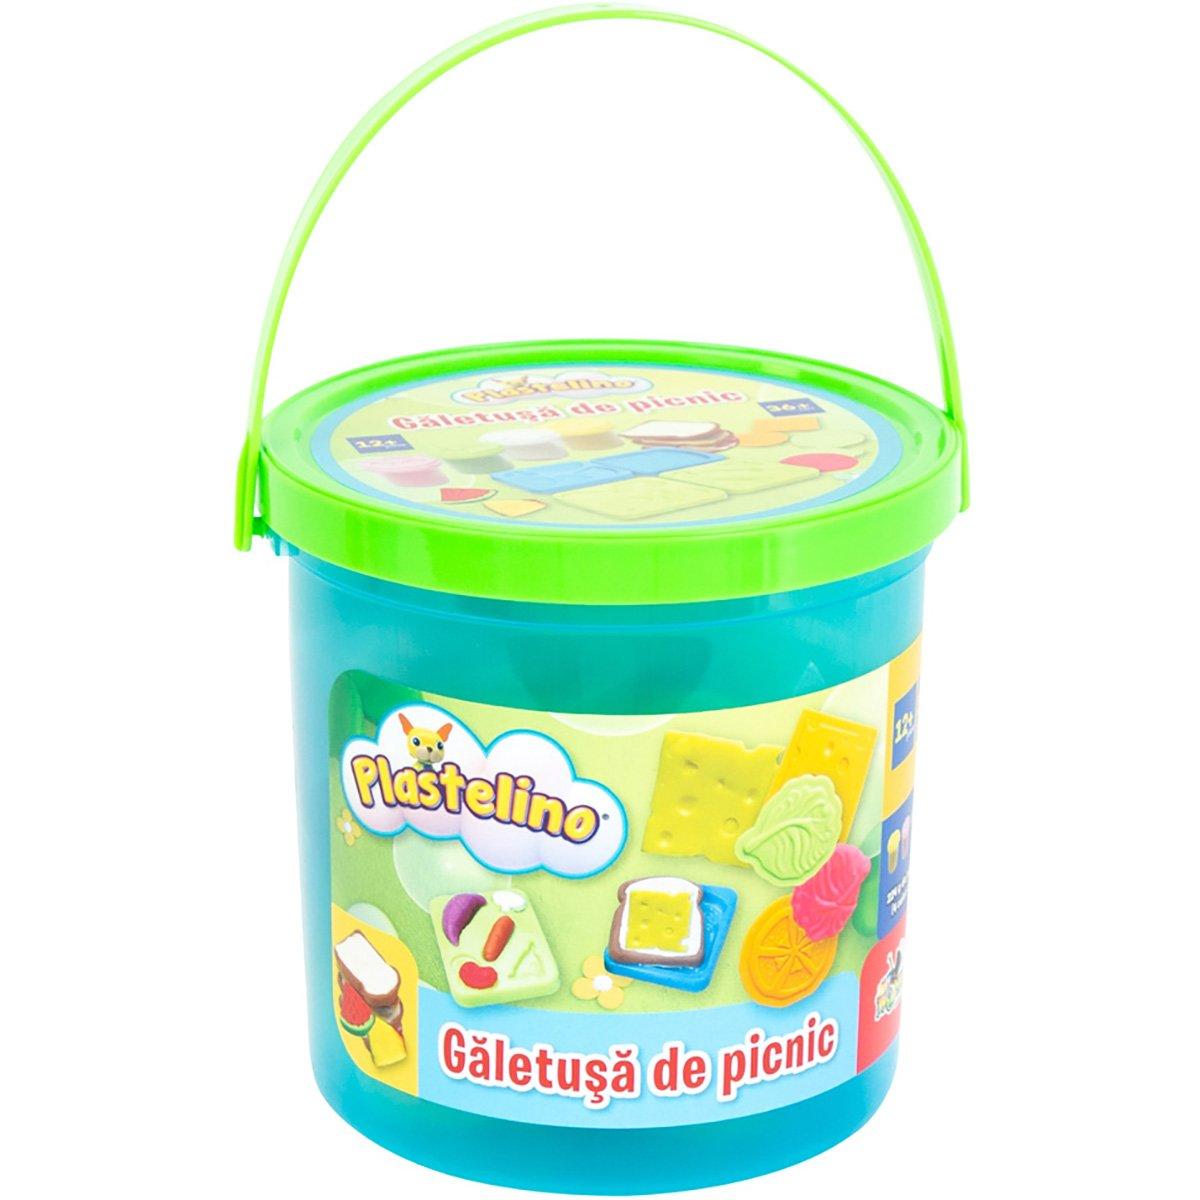 Set de joaca Plastelino, Galetusa de picnic